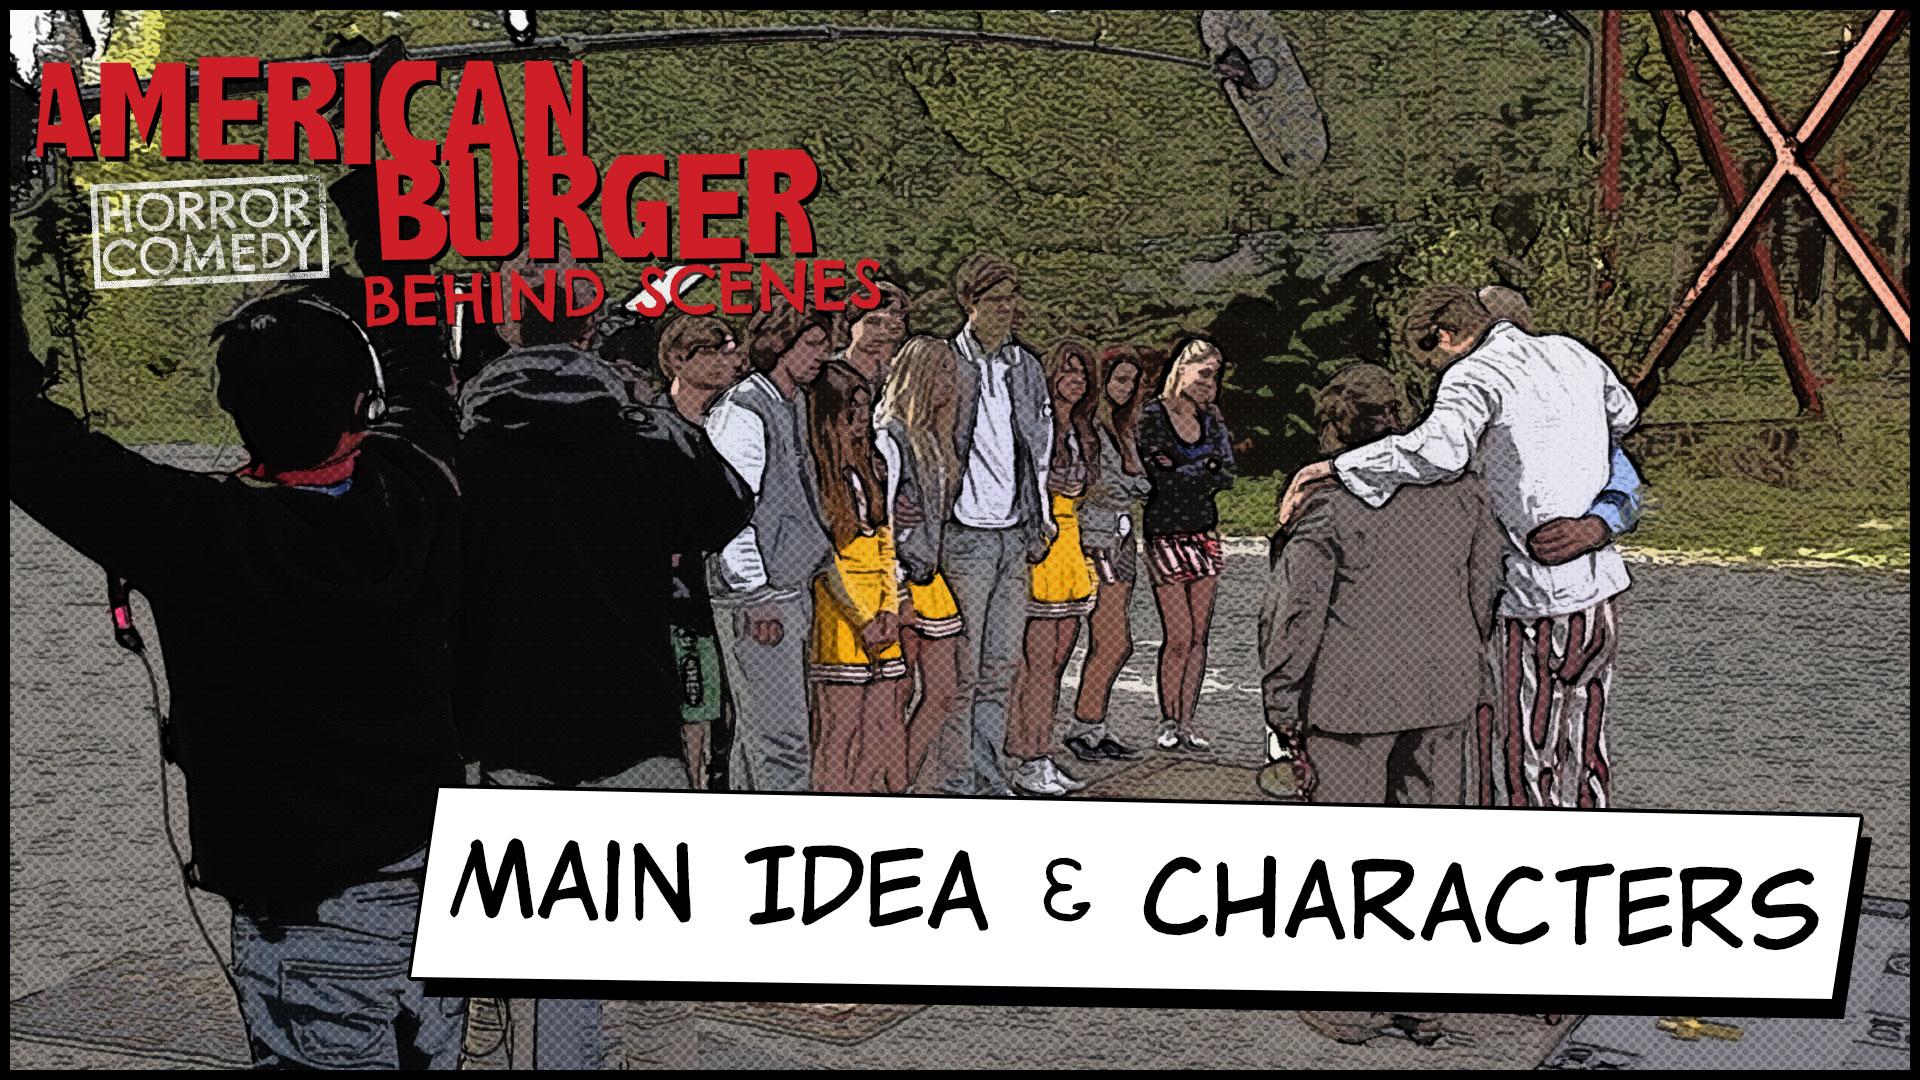 Main Idea & Characters